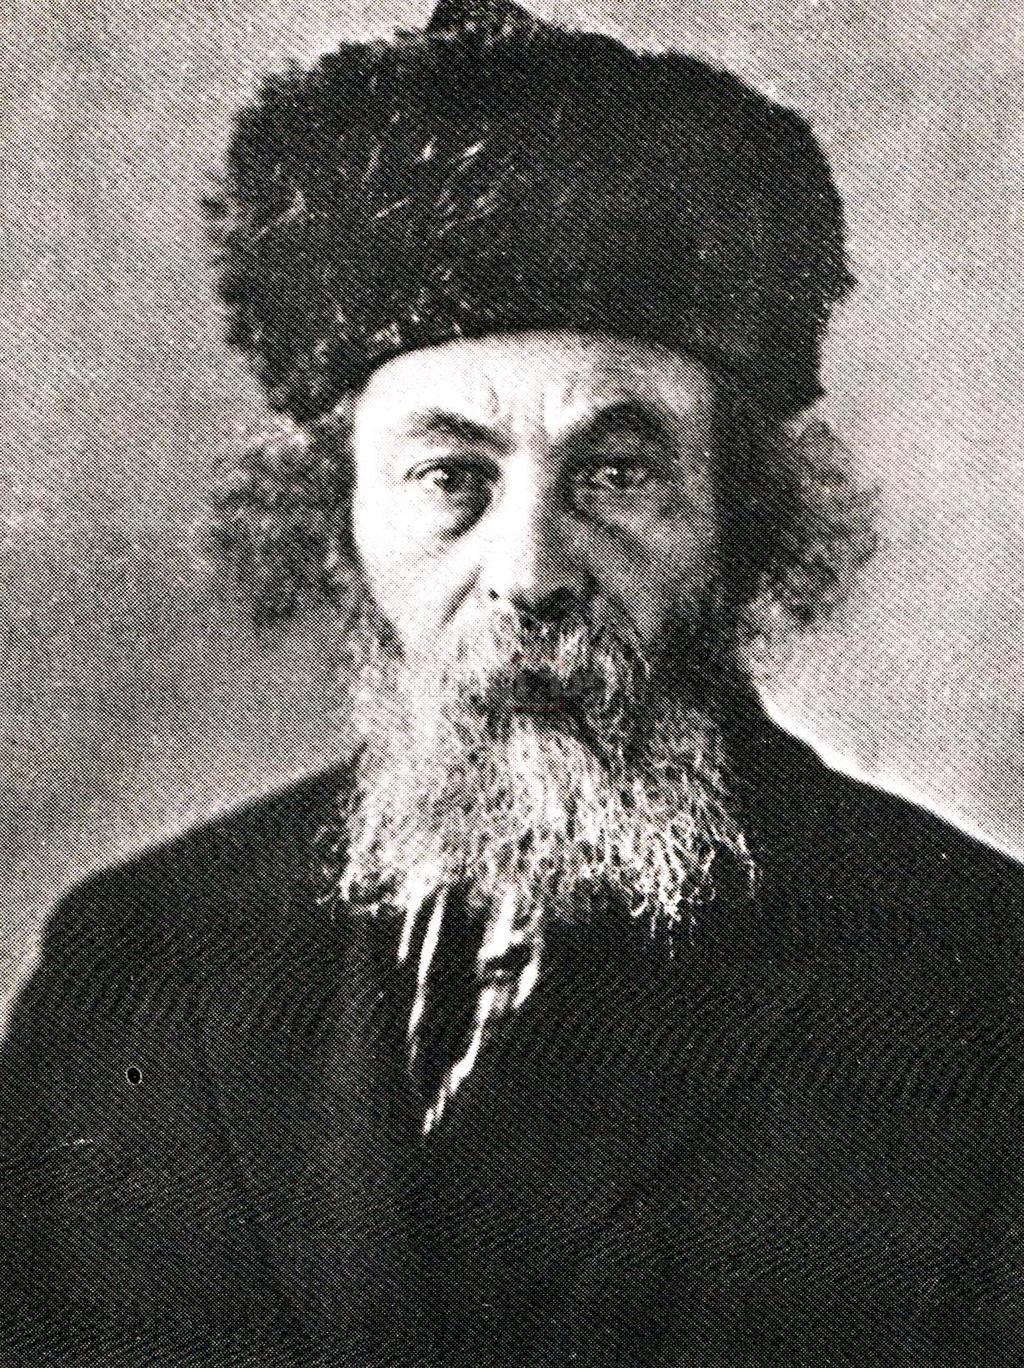 הגאון רבי משה לנדינסקי זצ''ל ראש ישיבת ראדין במשך 40 שנים (צילום: מתוך הספר ''מי כמוך'' מאת יעקב קהאן)